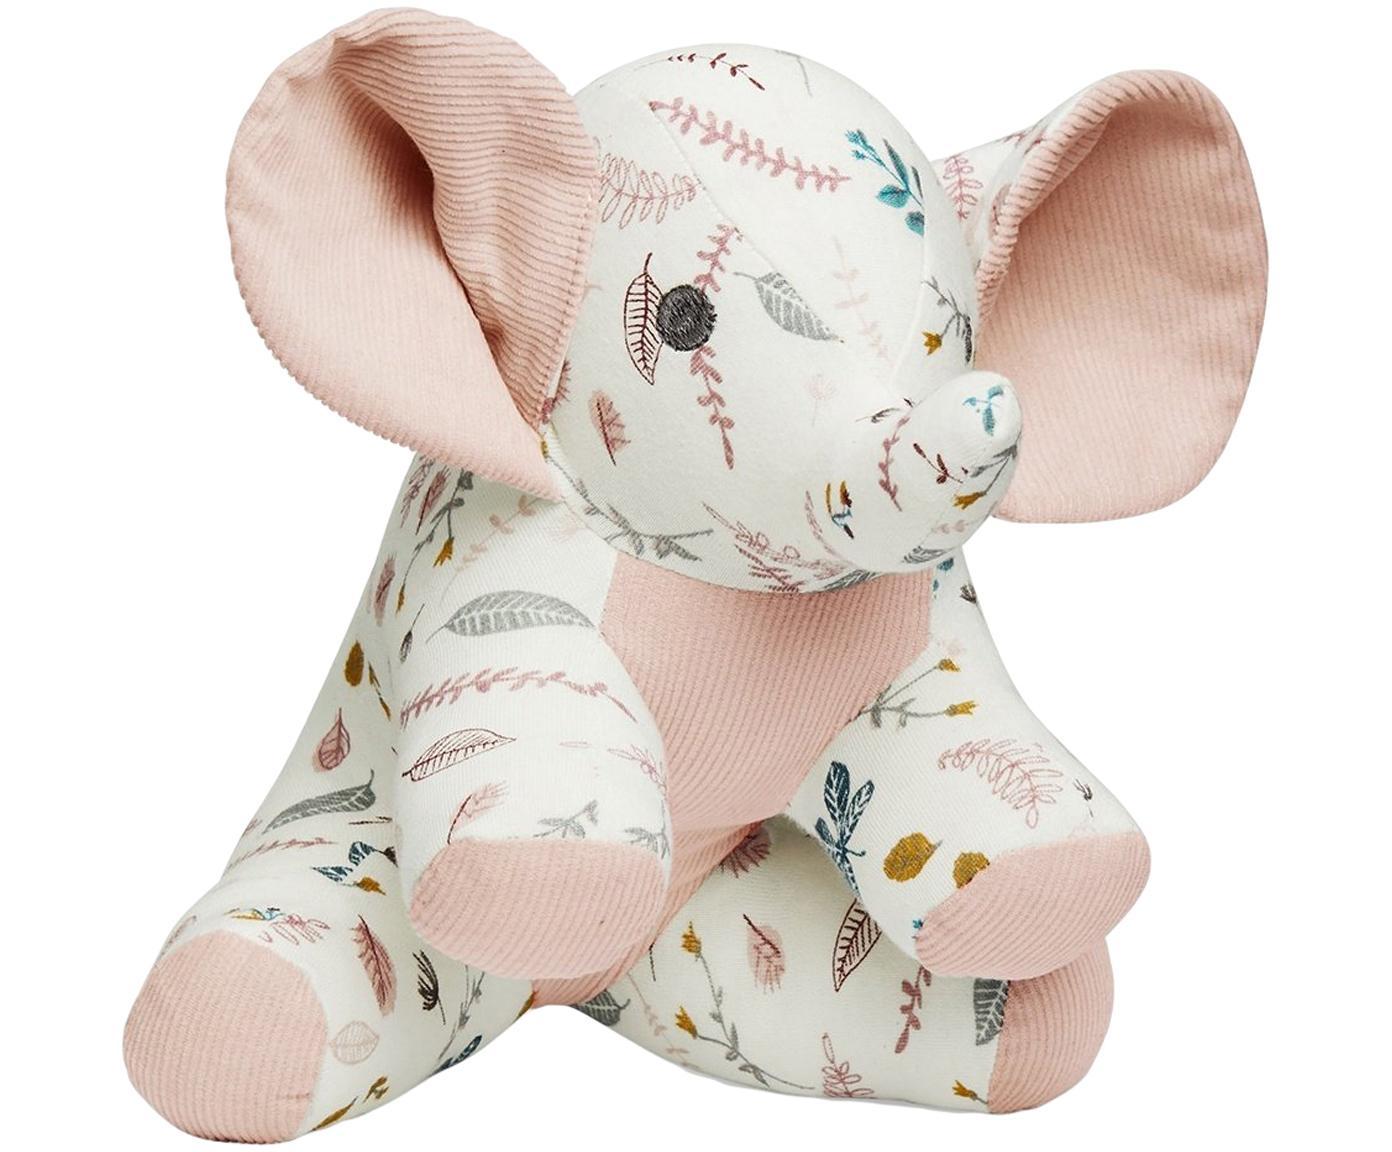 Przytulanka z bawełny organicznej  Elephant, Tapicerka: bio-bawełna, certyfikat O, Biały, odcienie różowego, żółty, S 20 x W 21 cm